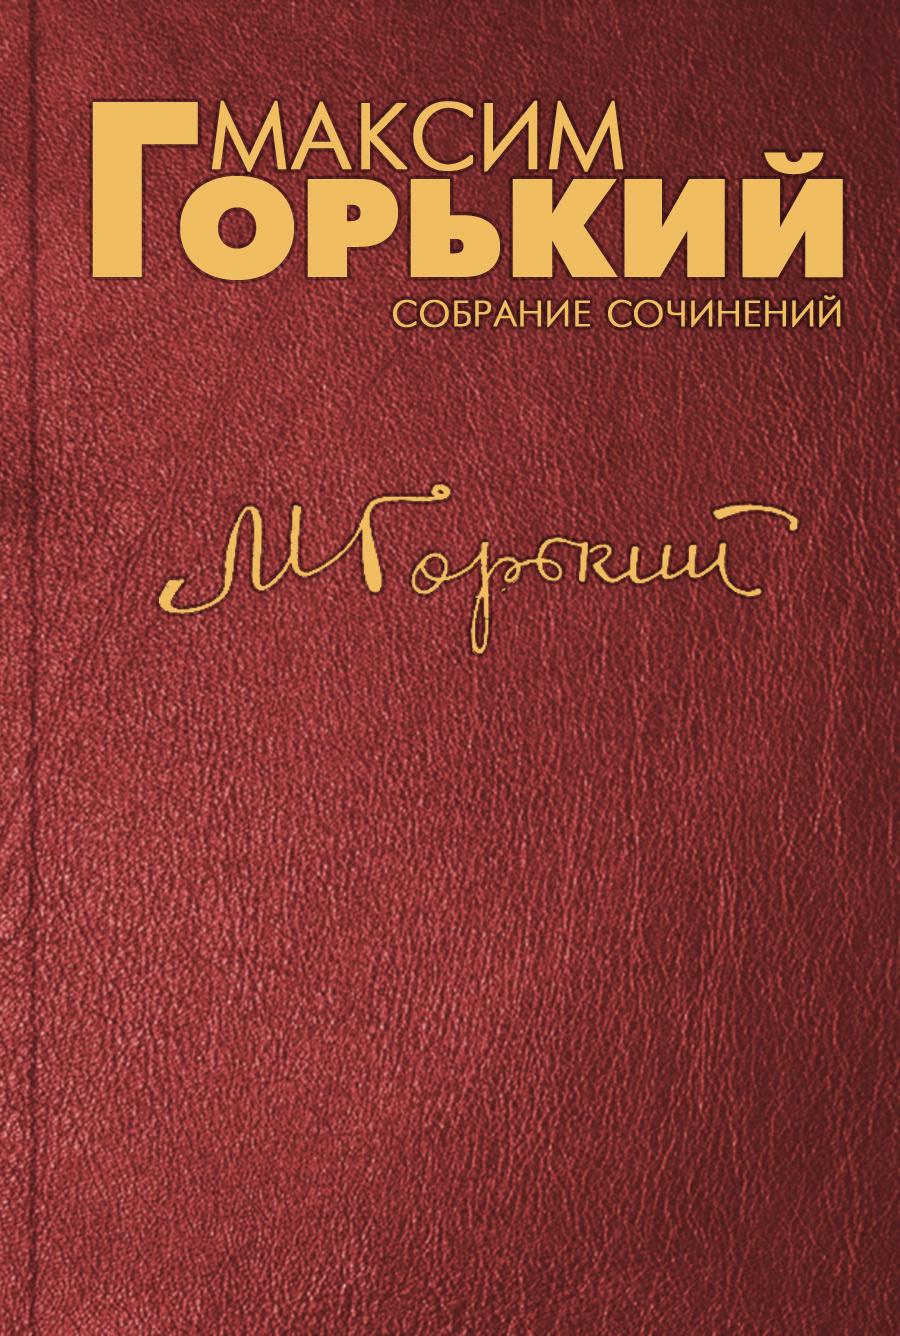 цены на Максим Горький По поводу одной полемики  в интернет-магазинах